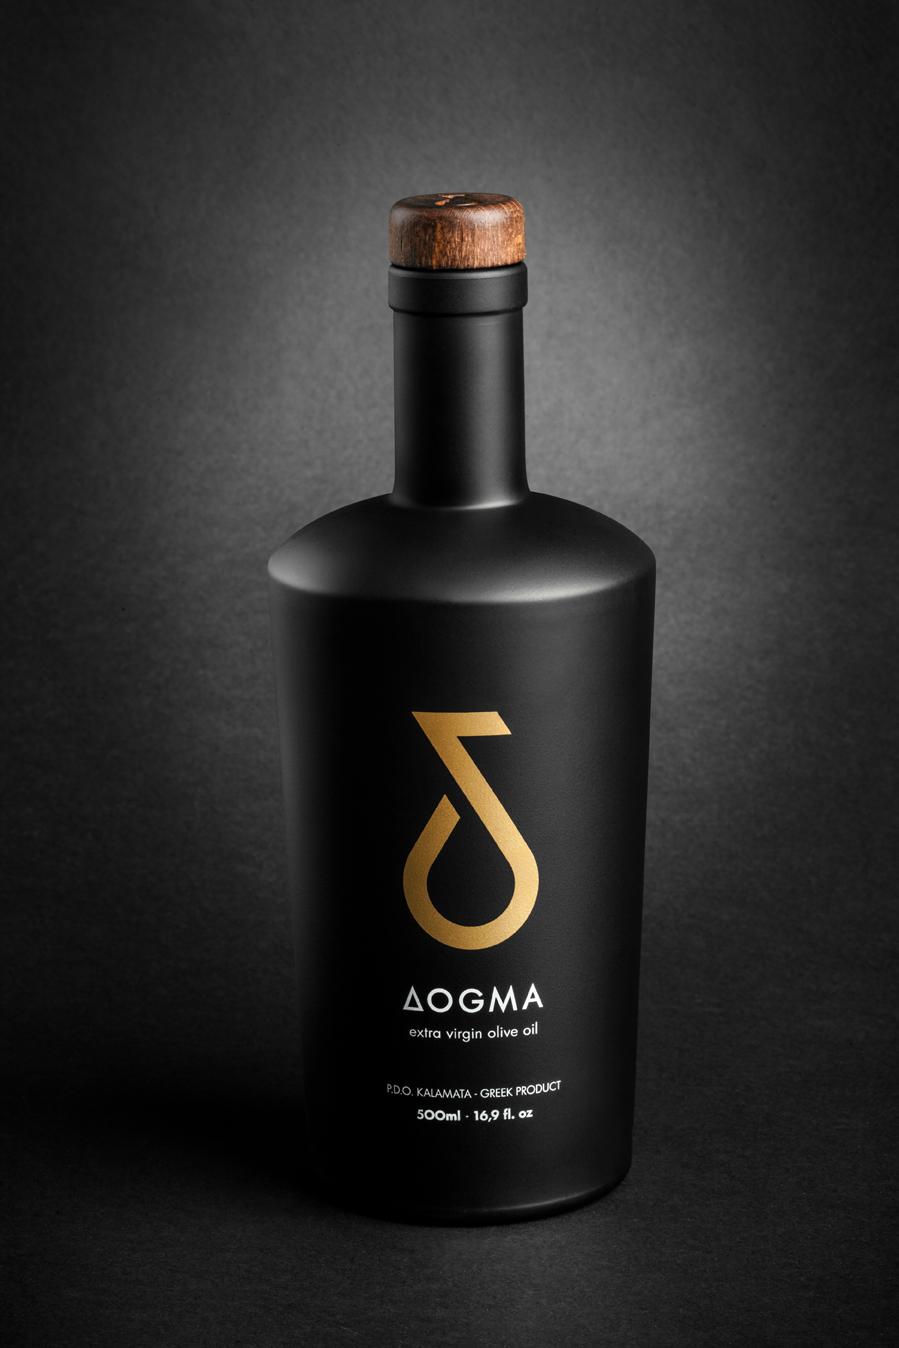 Ekskluzywna butelka oliwy Dogma